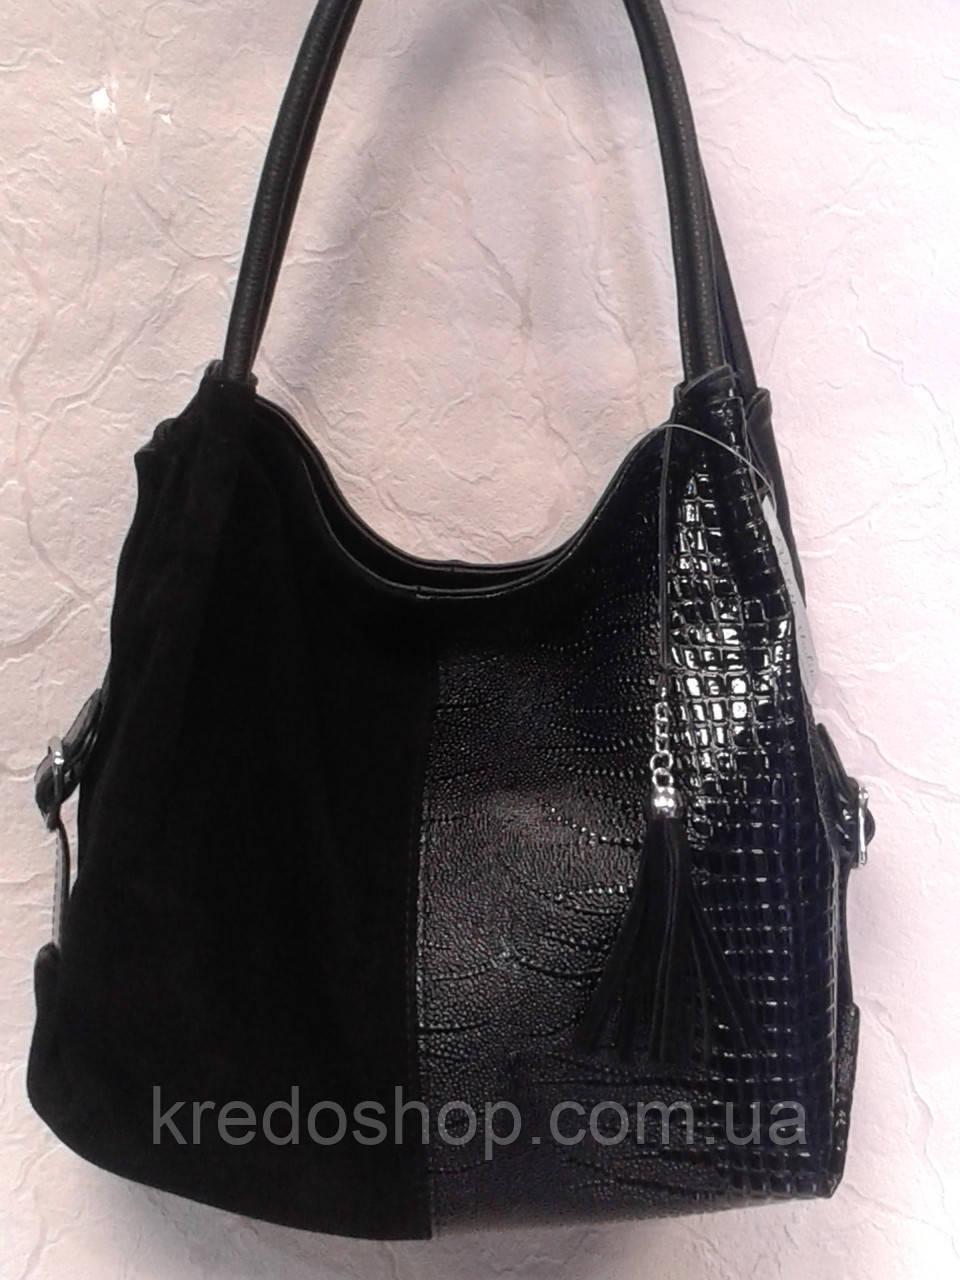 f10d6018cbb1 Сумка женская черная замшевая с лаком,стильная: продажа, цена в ...